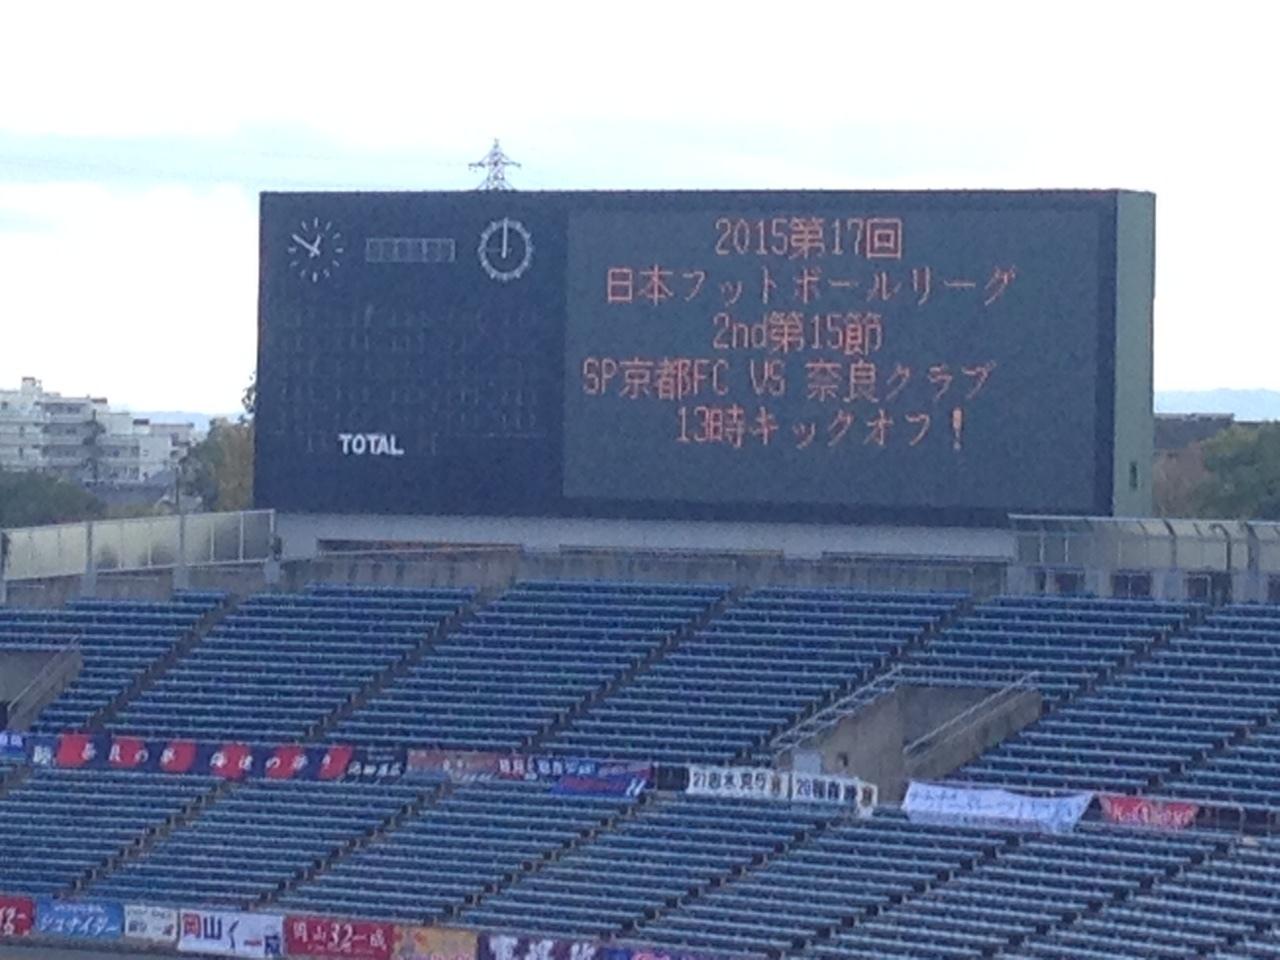 第17回 JFL】2015.11.15 セカンドステージ第15節 SP京都FC 1 - 0 奈良 ...